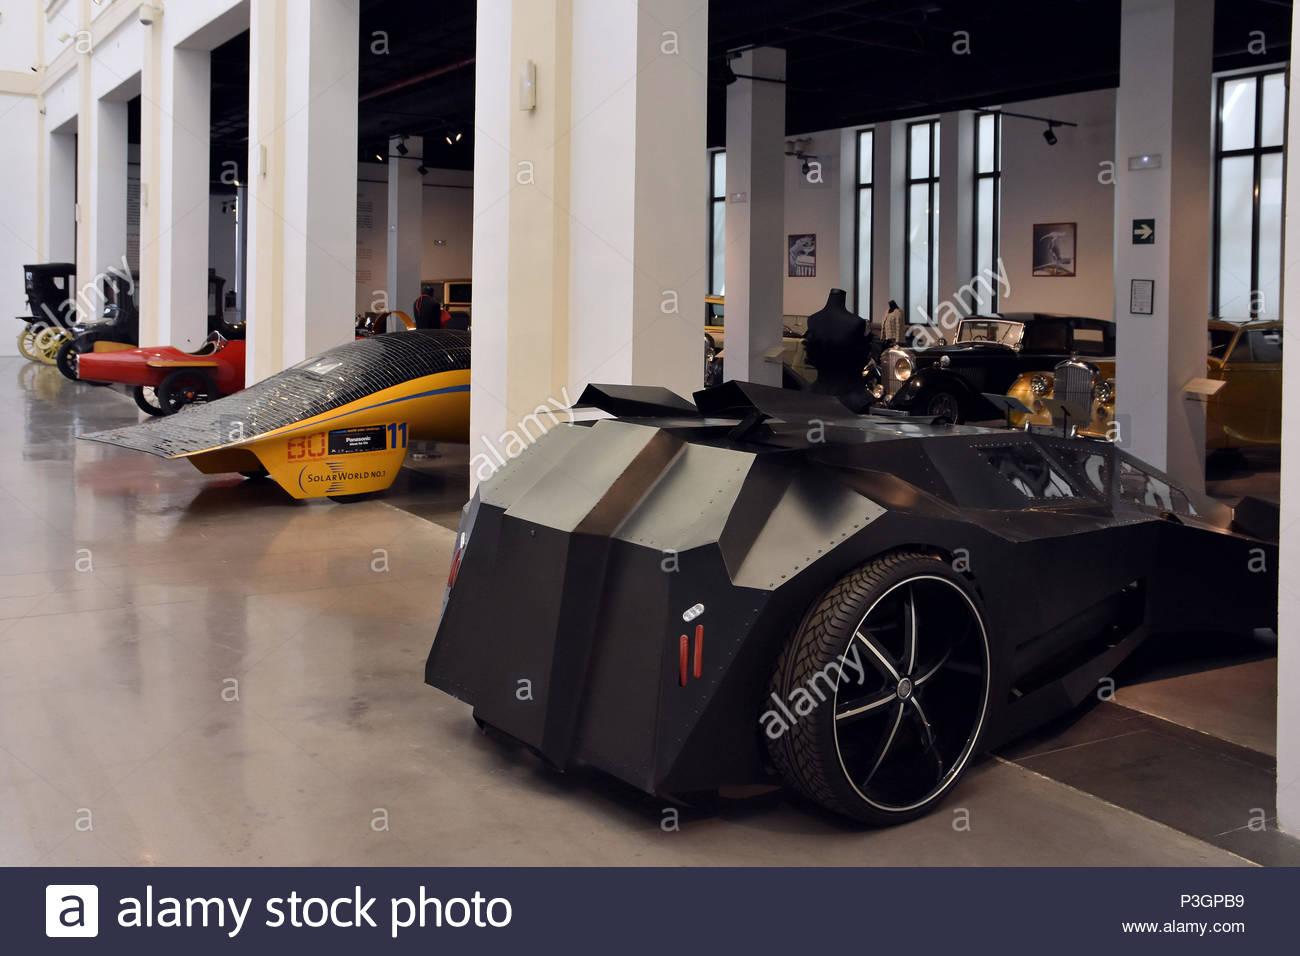 Compressed Air Car >> Star Wars Compressed Air Prototype Car Displayed At Museum